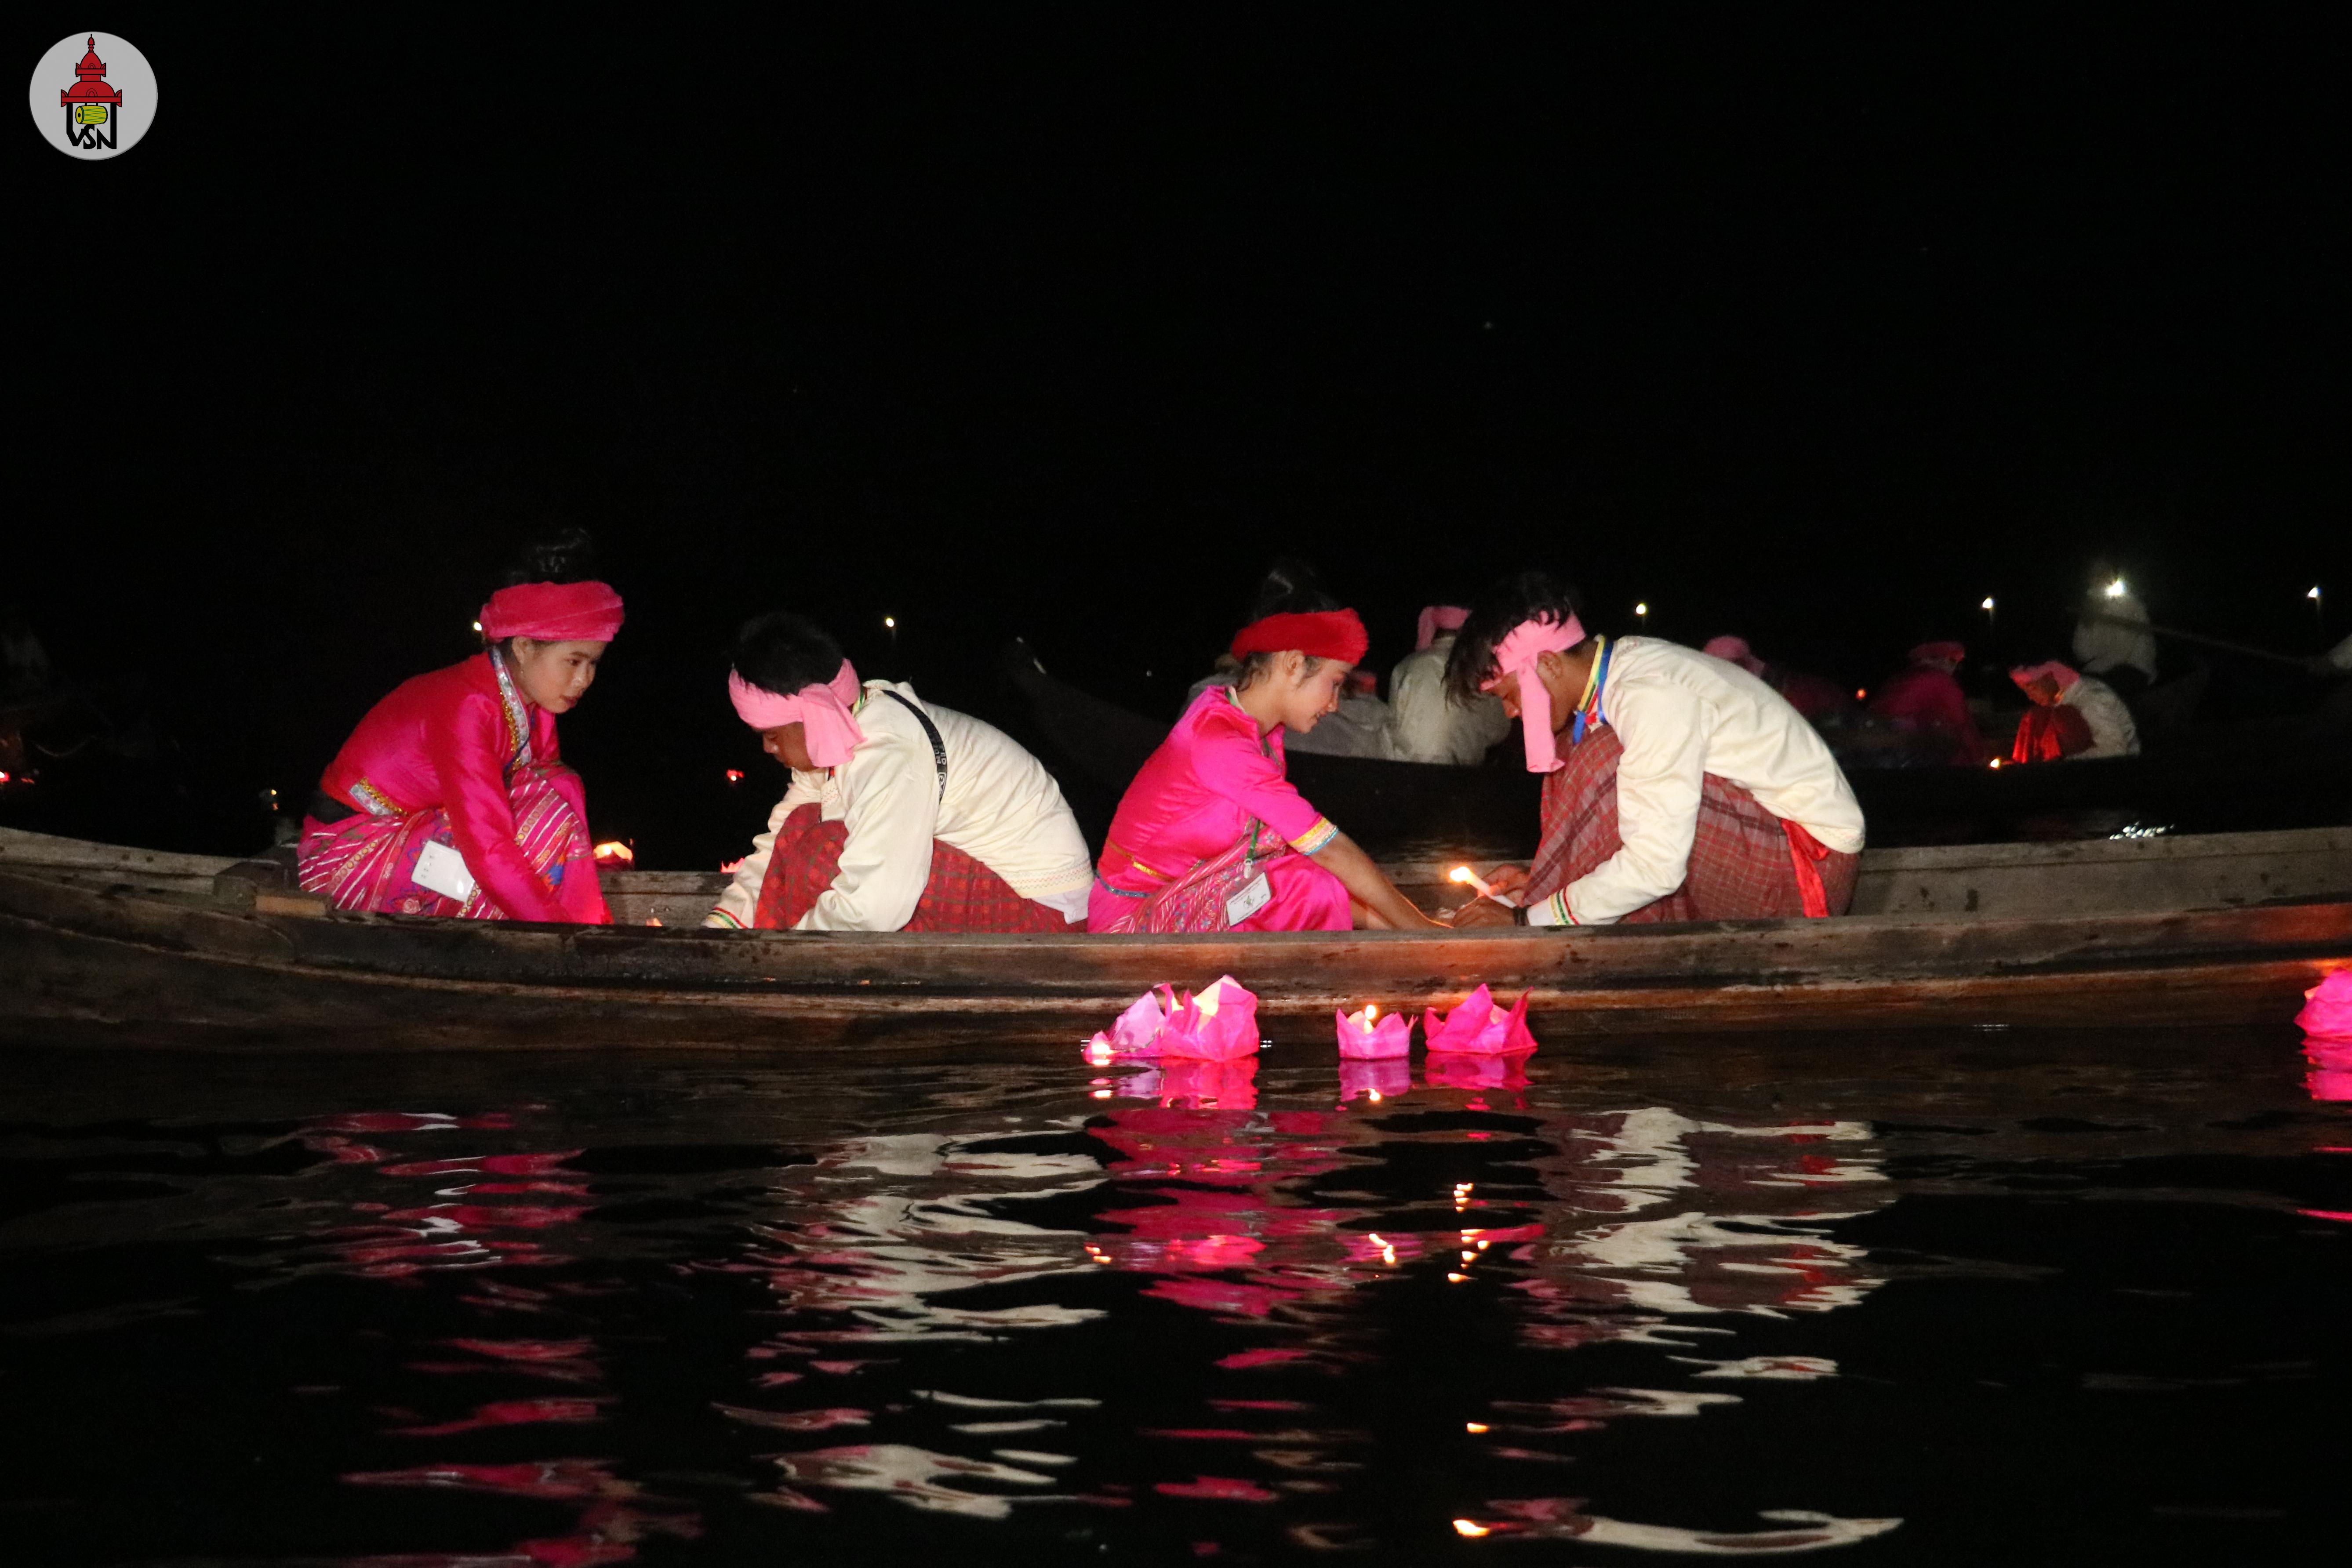 နွဲပျော်ခဲ့ရသော ရှမ်းနီရိုးရာ ဆီမီးမျှောပွဲတော်